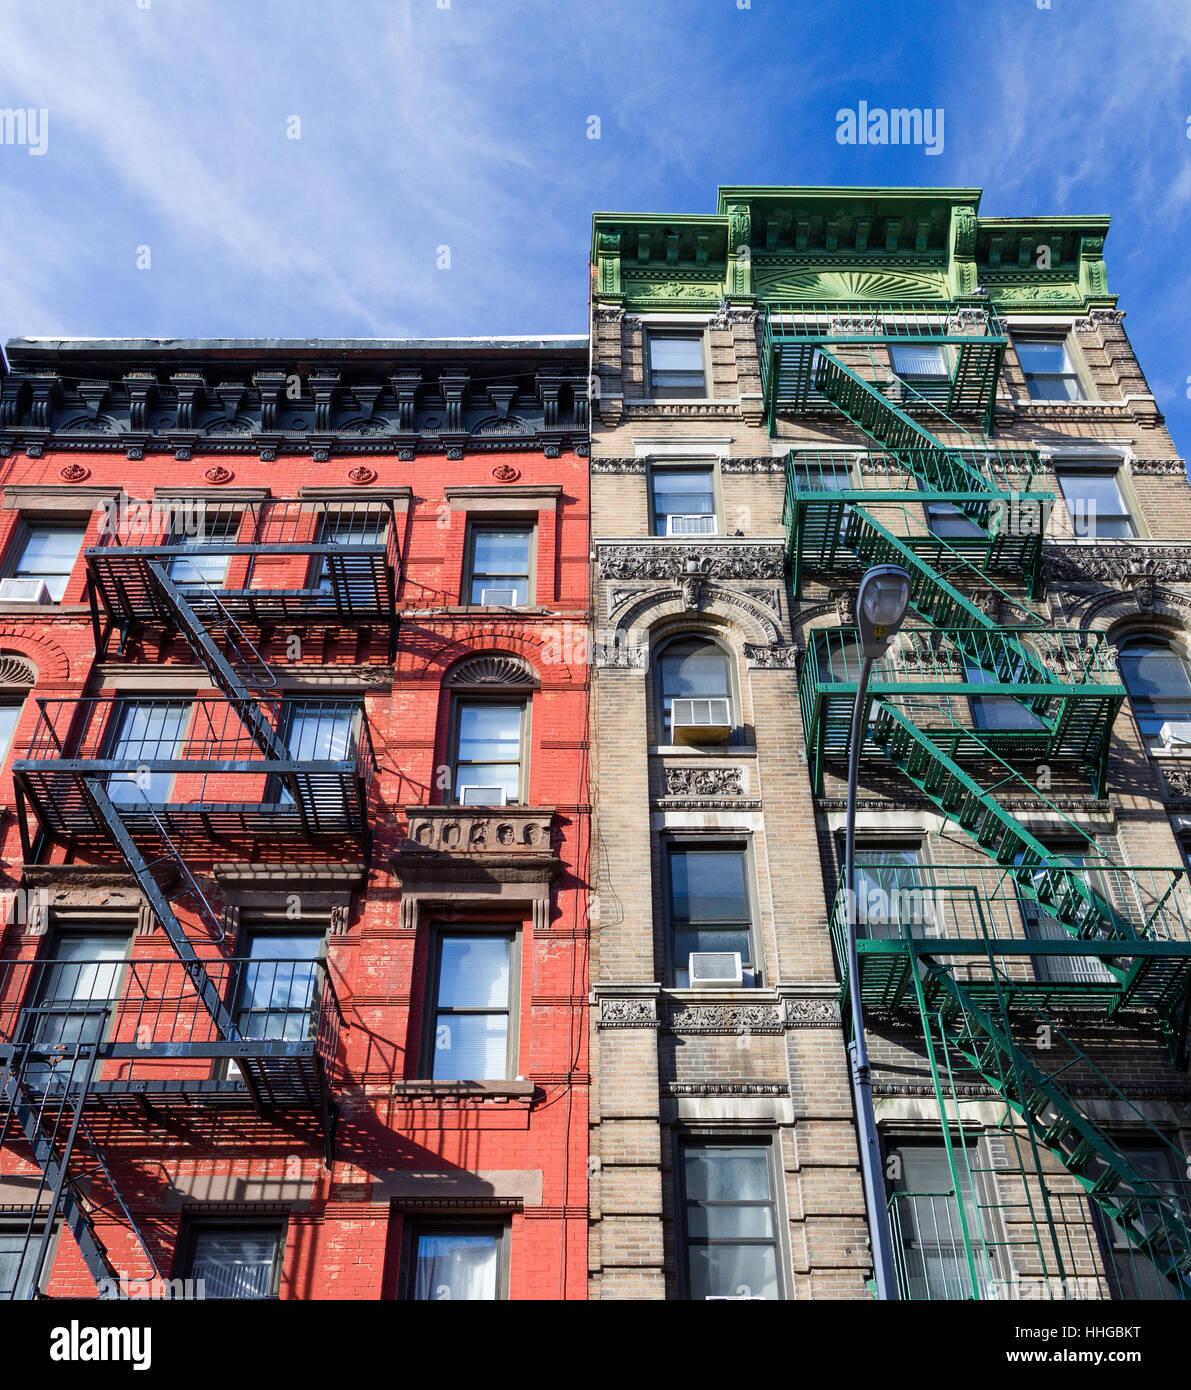 Vieux immeubles colorés vintage avec le feu s'échappe dans le quartier de Greenwich Village de Manhattan Photo Stock